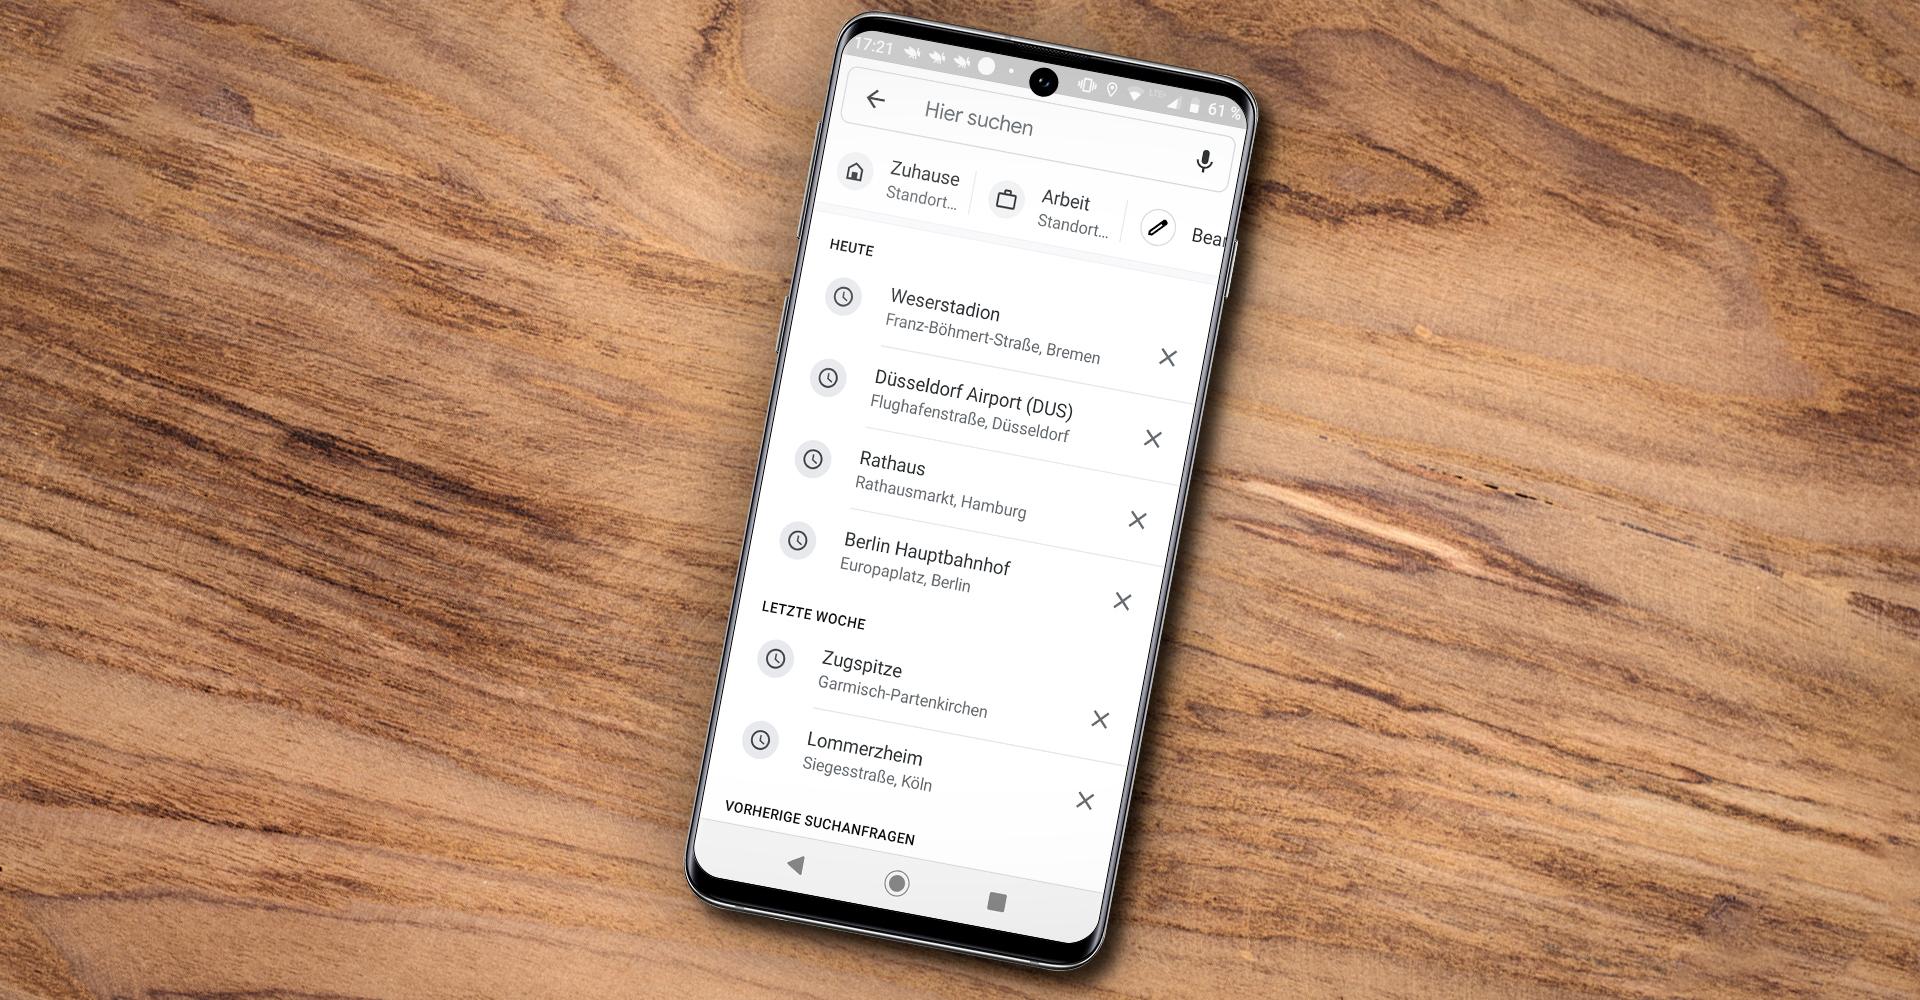 Suchleisten-Shortcuts für Zuhause und die Arbeit in Google Maps unter Android